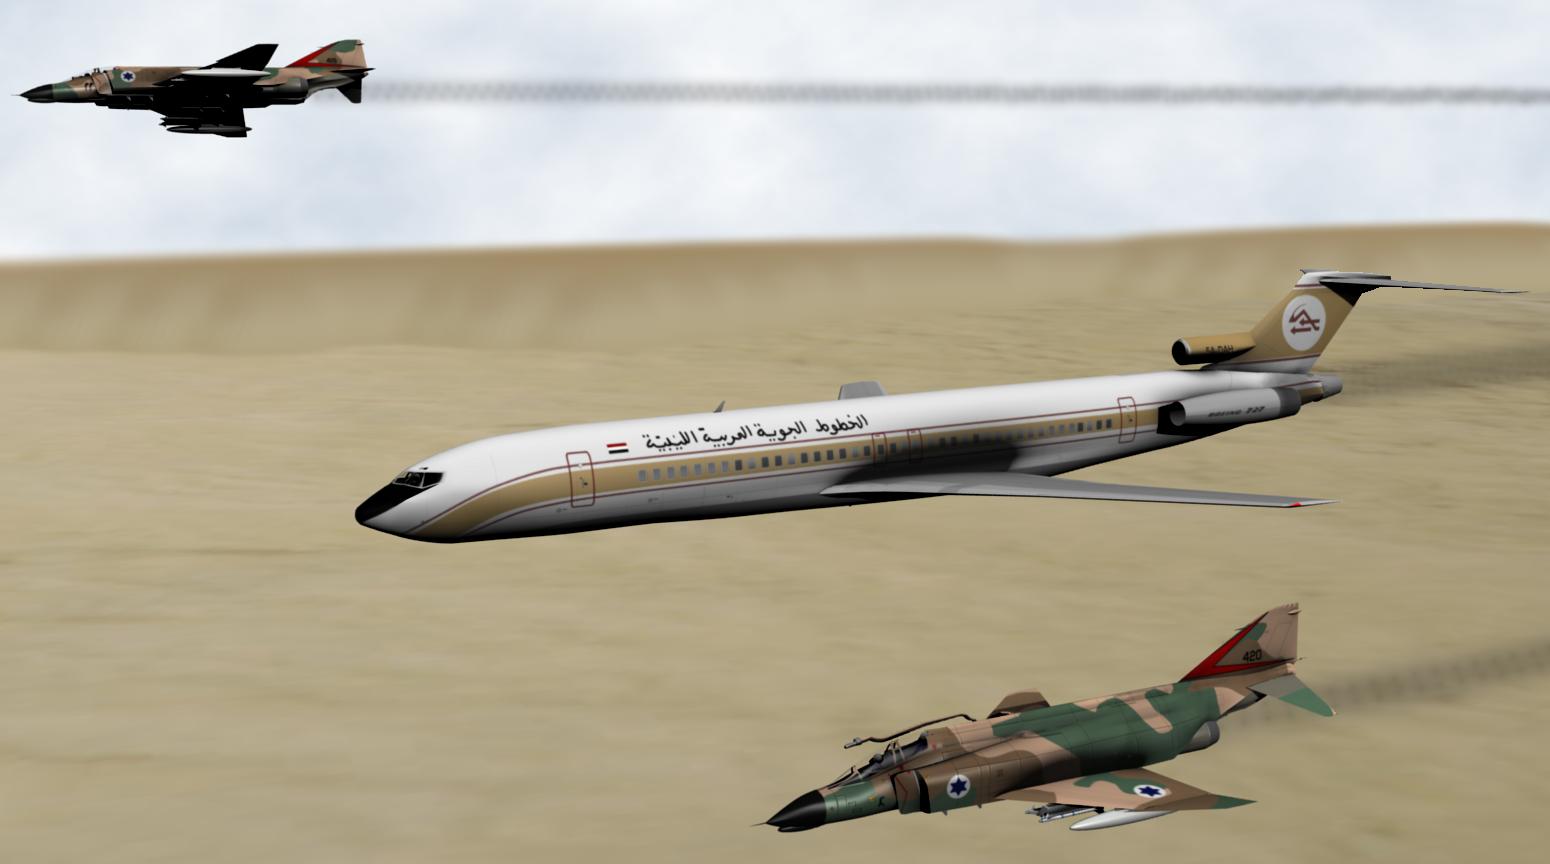 صوره الخطوط الجوية الليبية مواعيد الرحلات , الخطوط الجوية لليبيا